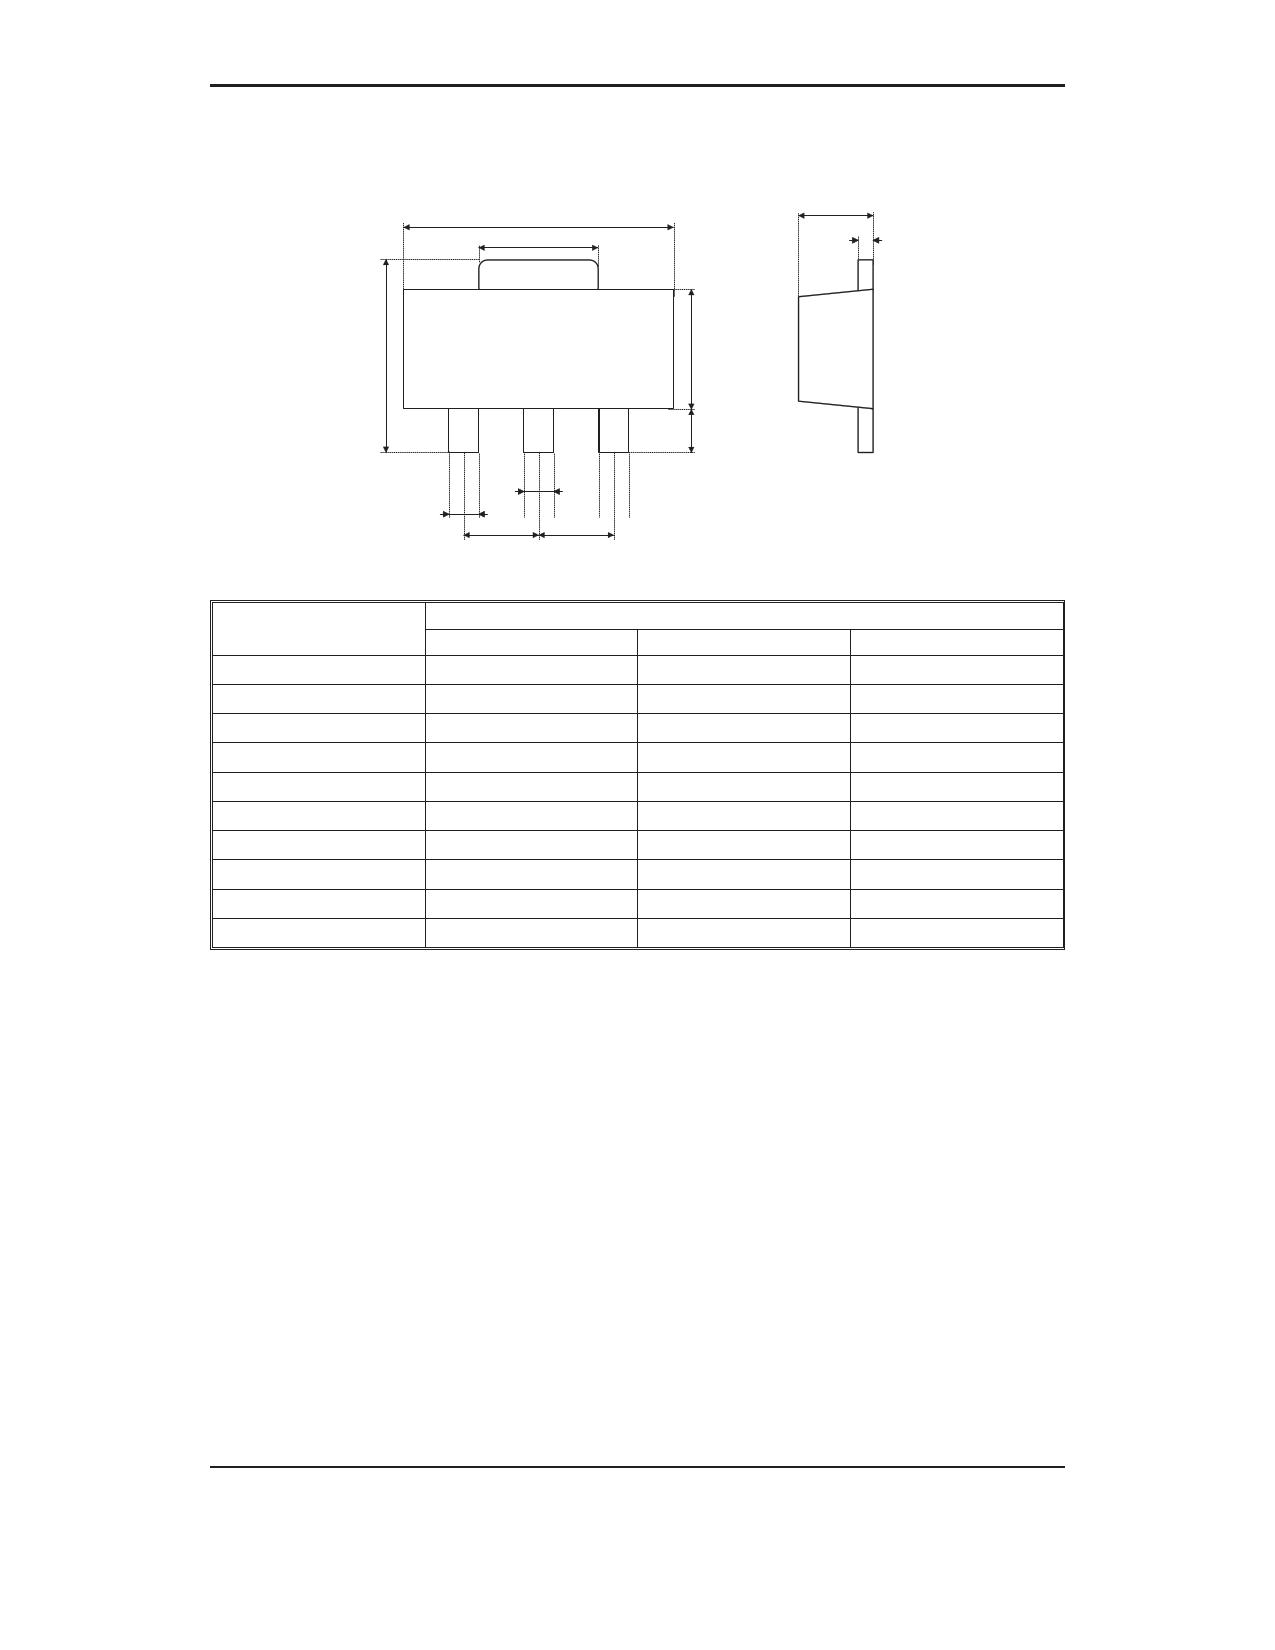 7130-1 pdf